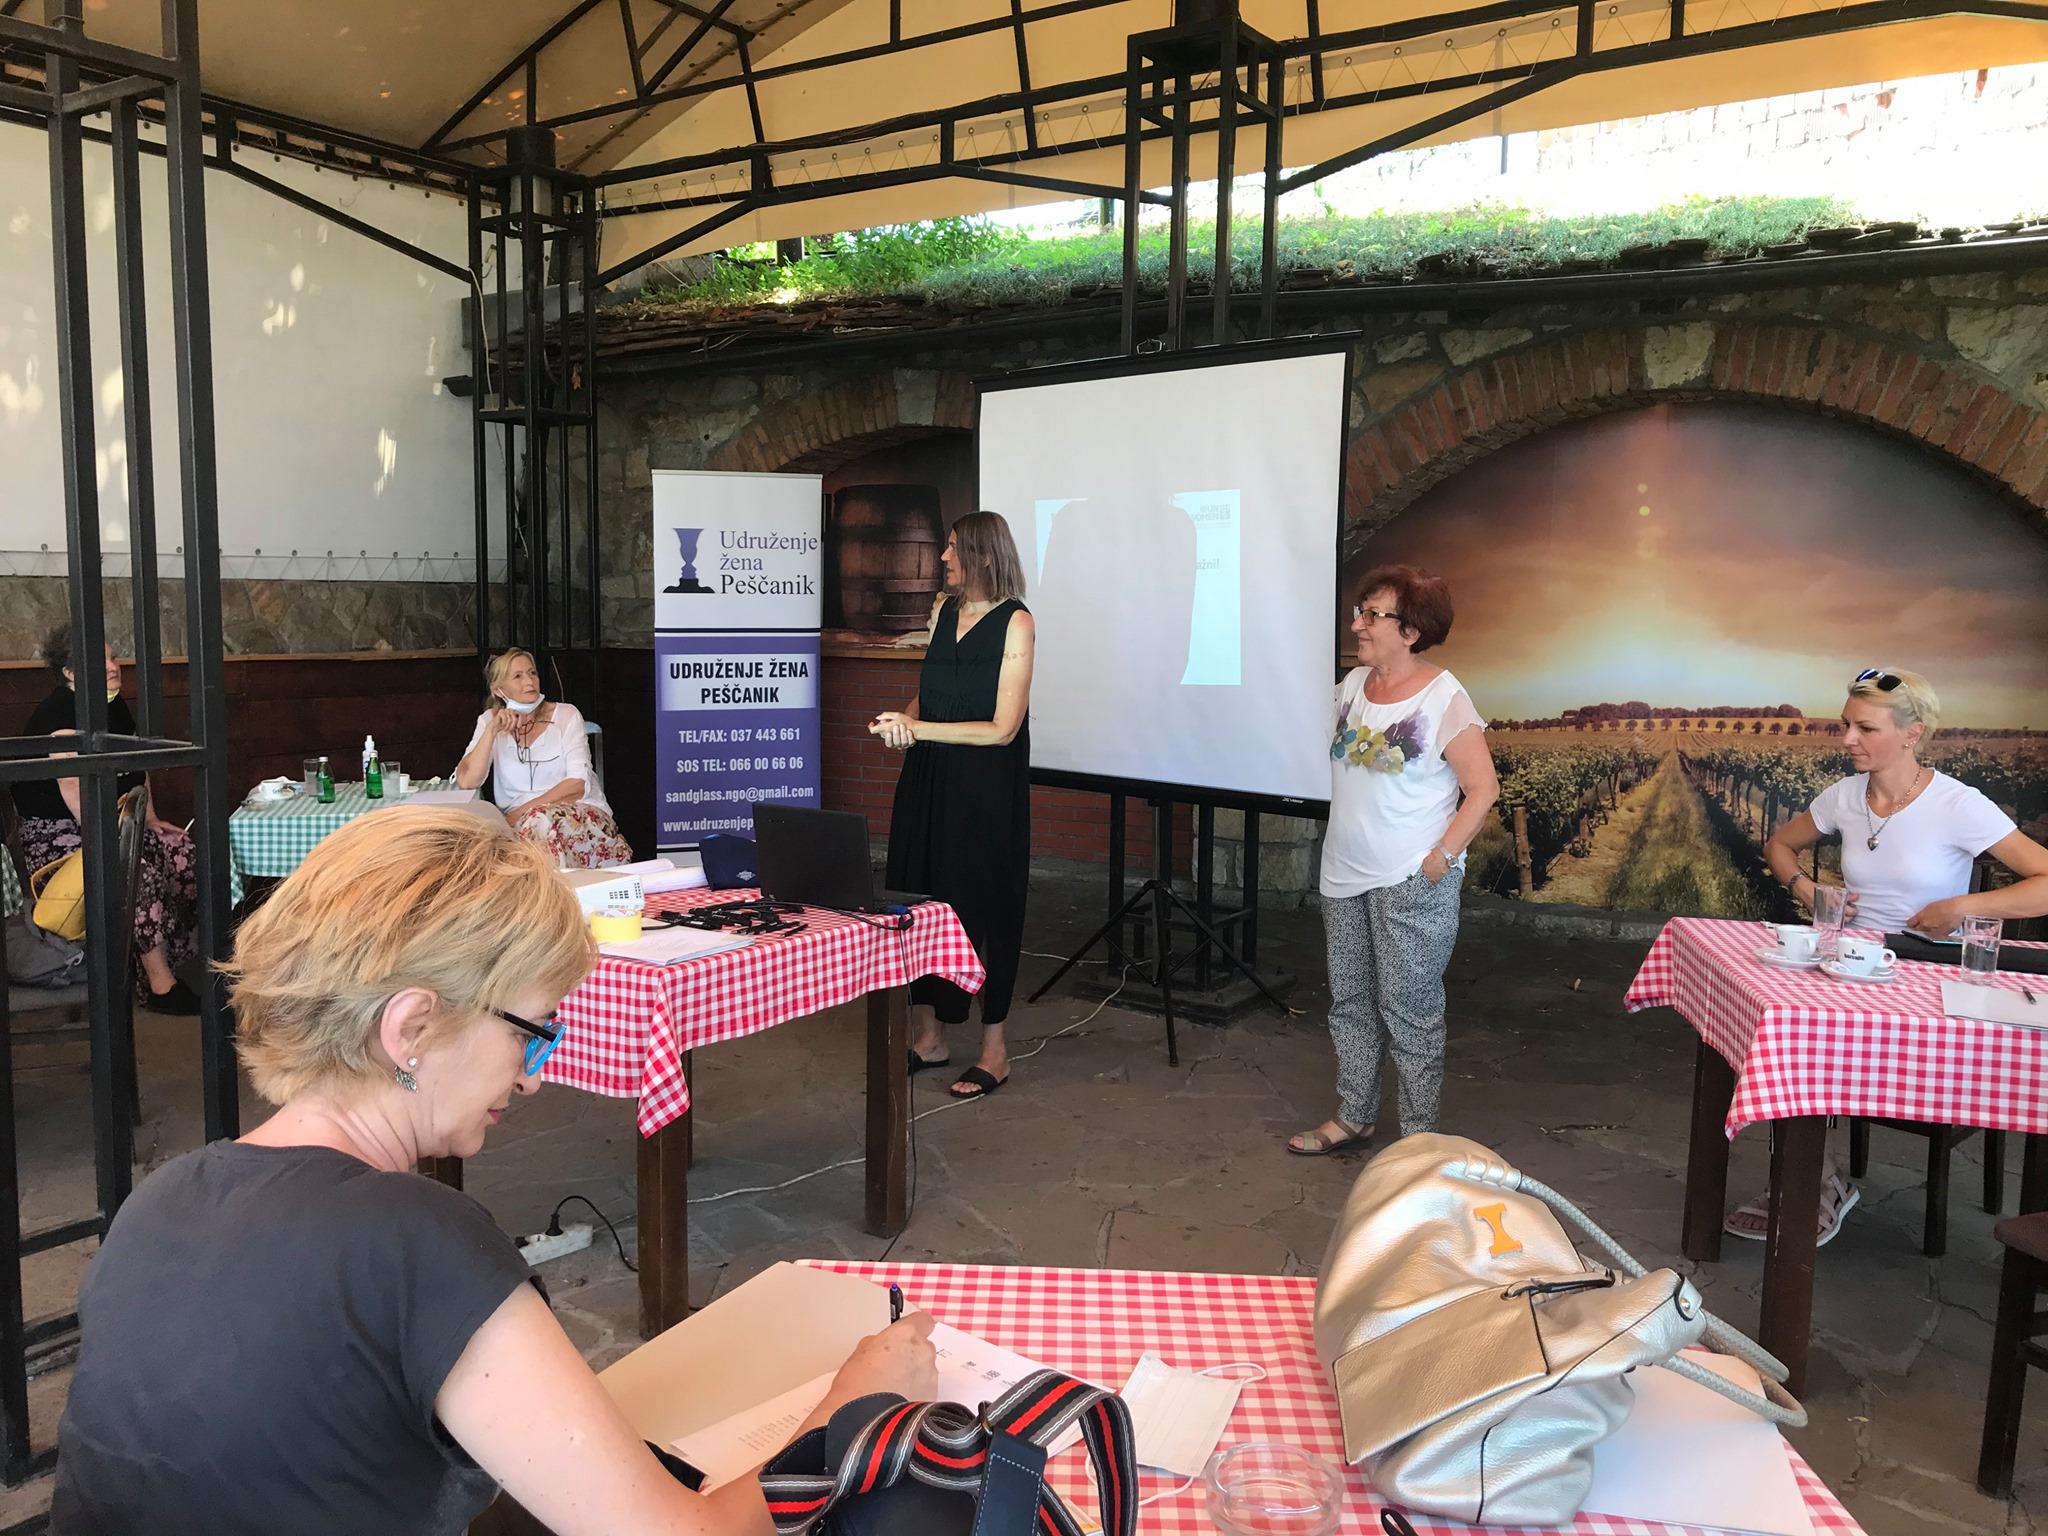 """Udruzenje zena Pescanik - Trening o ekonomiji nege u kviru projekta """"Poslovi staranja: Neplaćeni, a važni"""""""